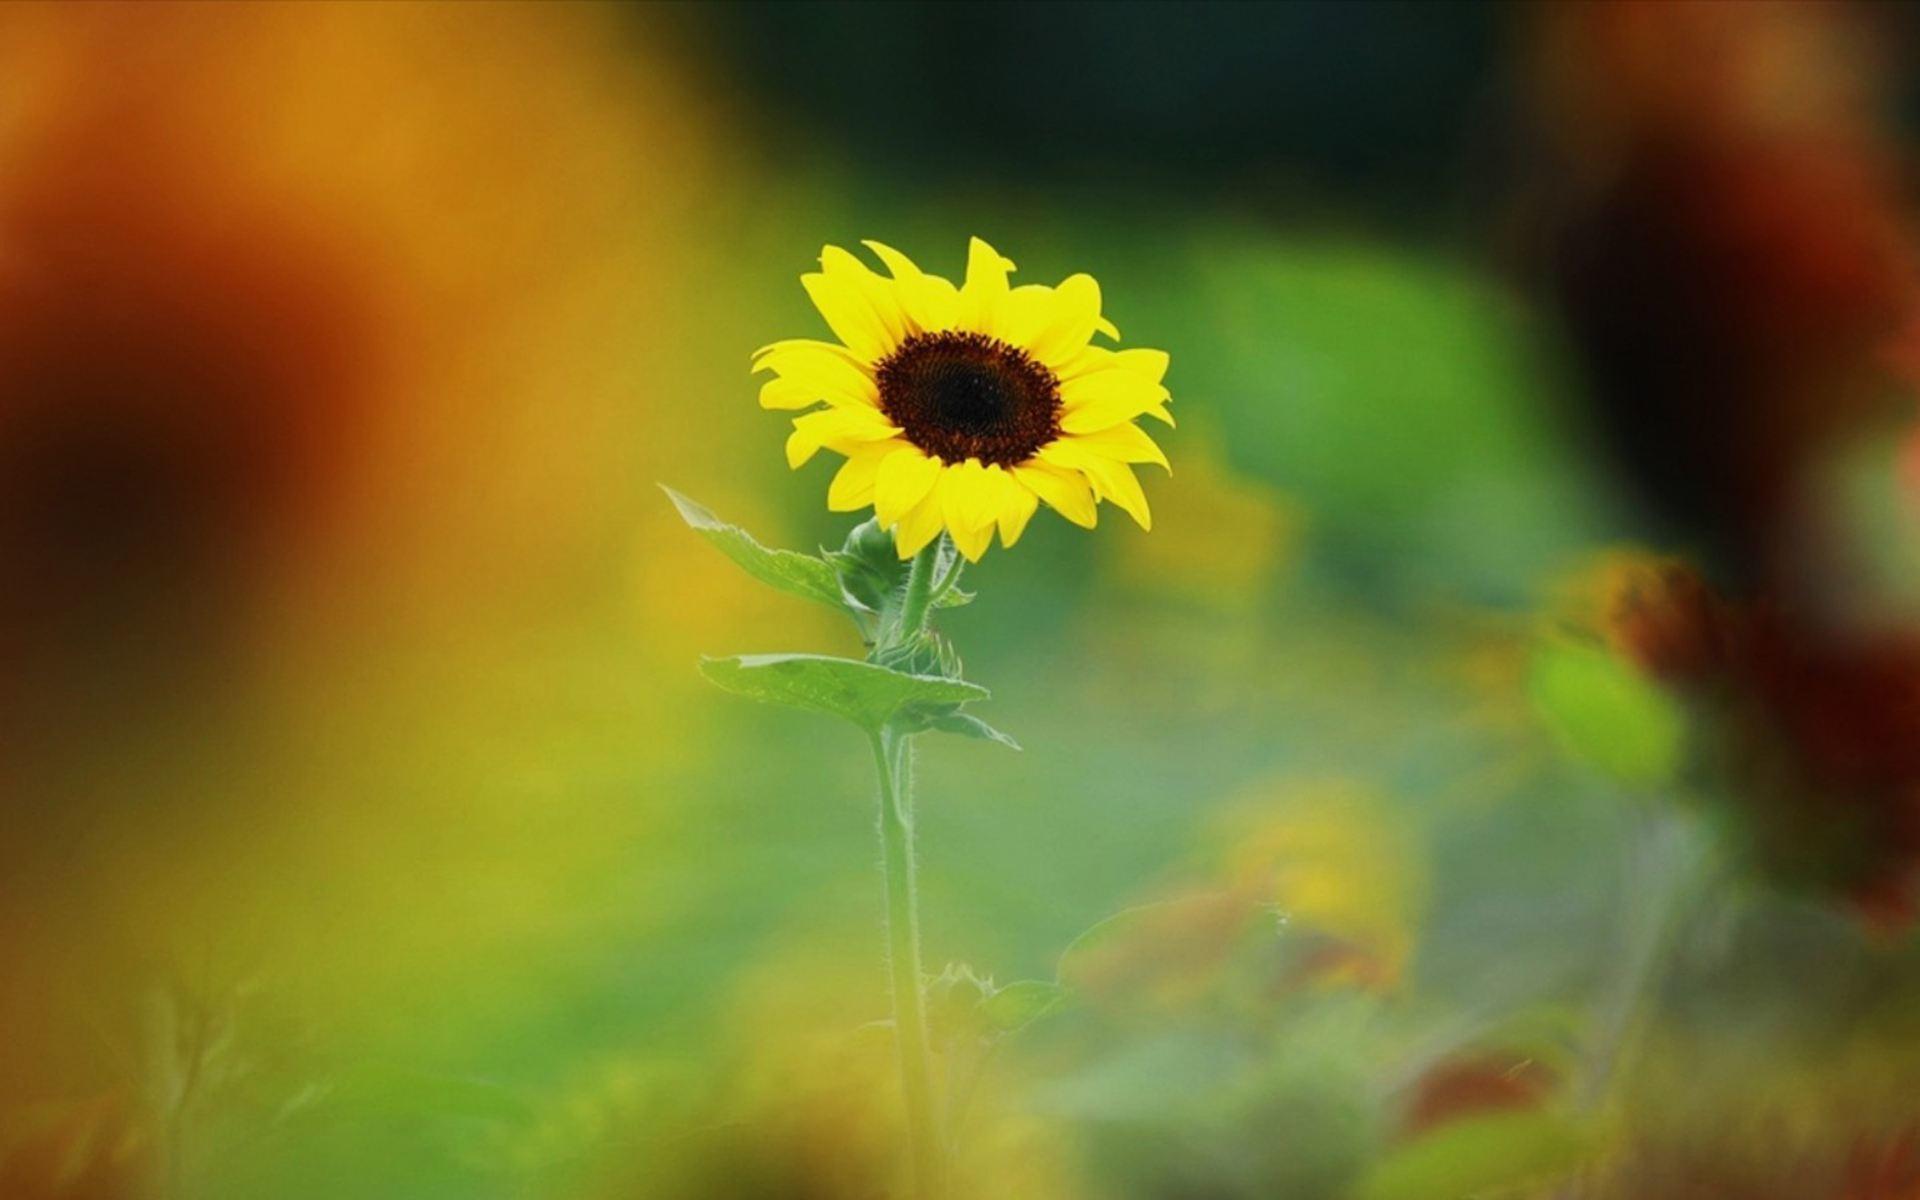 一生无悔的句子说说正能量语录:保持对生活的希望,不要投降